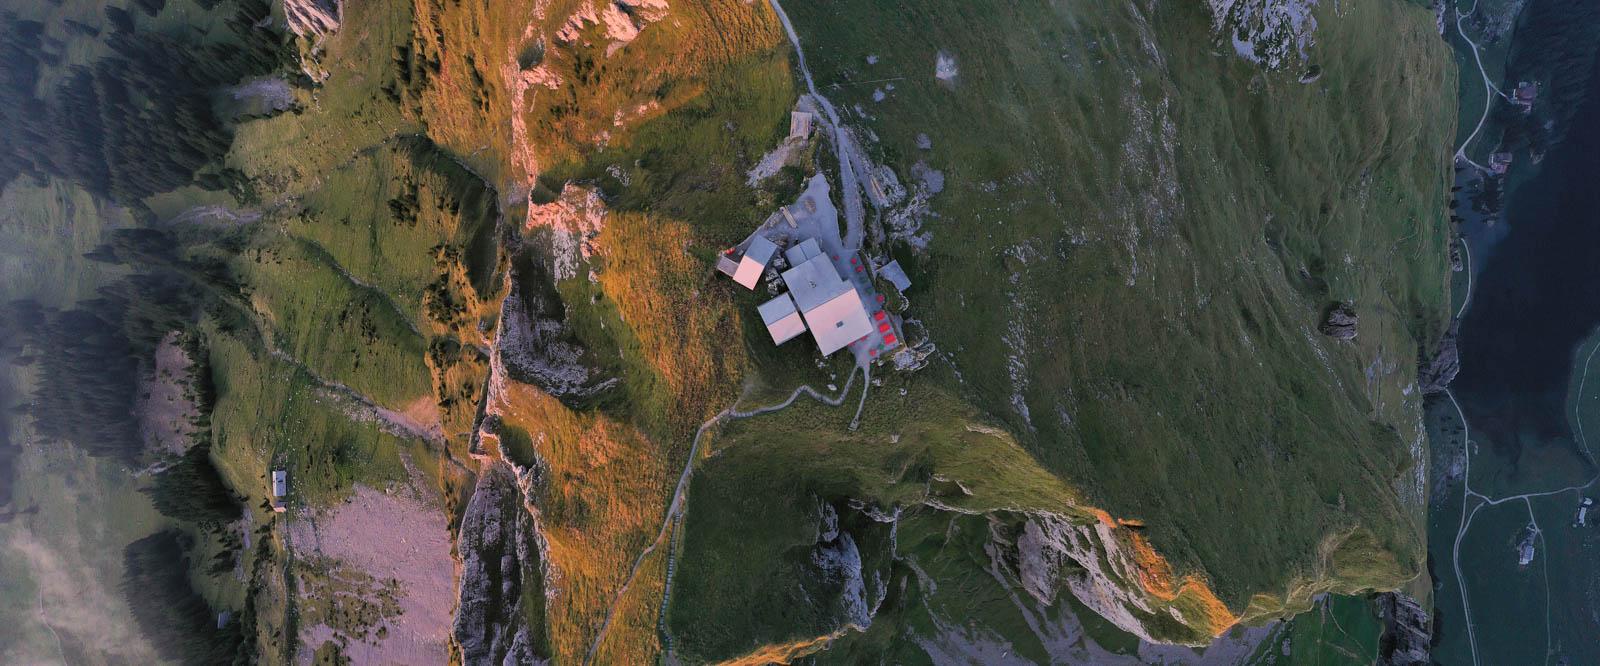 Photo: Schäfler von oben. Links und rechts geht es fast senkrecht 1000 Meter in die Tiefe